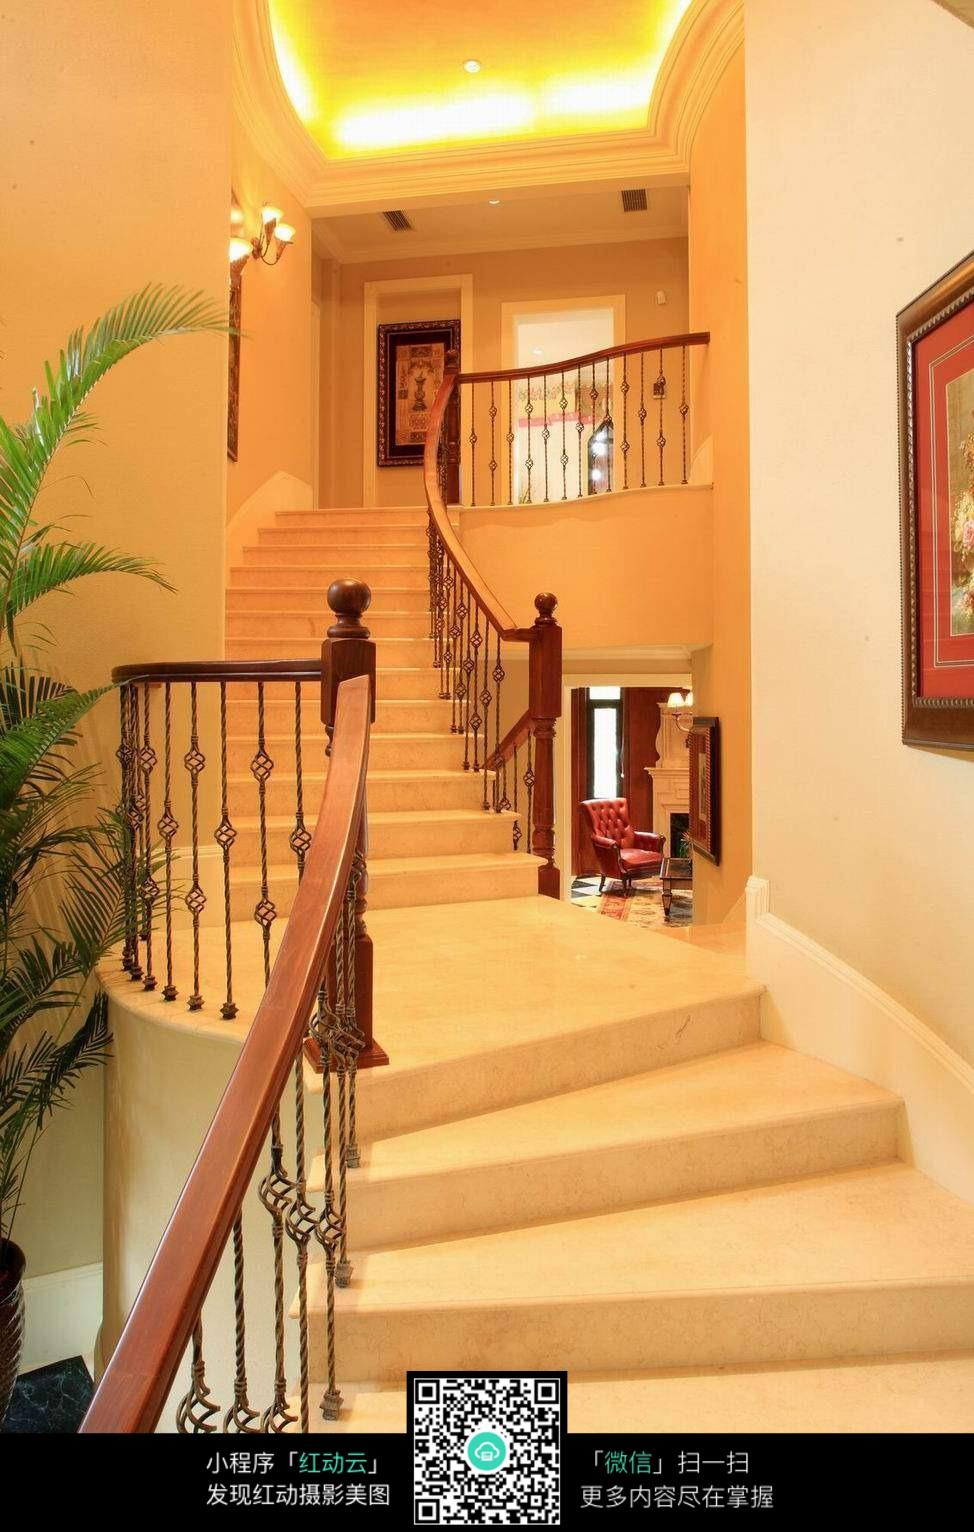 高档别墅楼梯设计图片